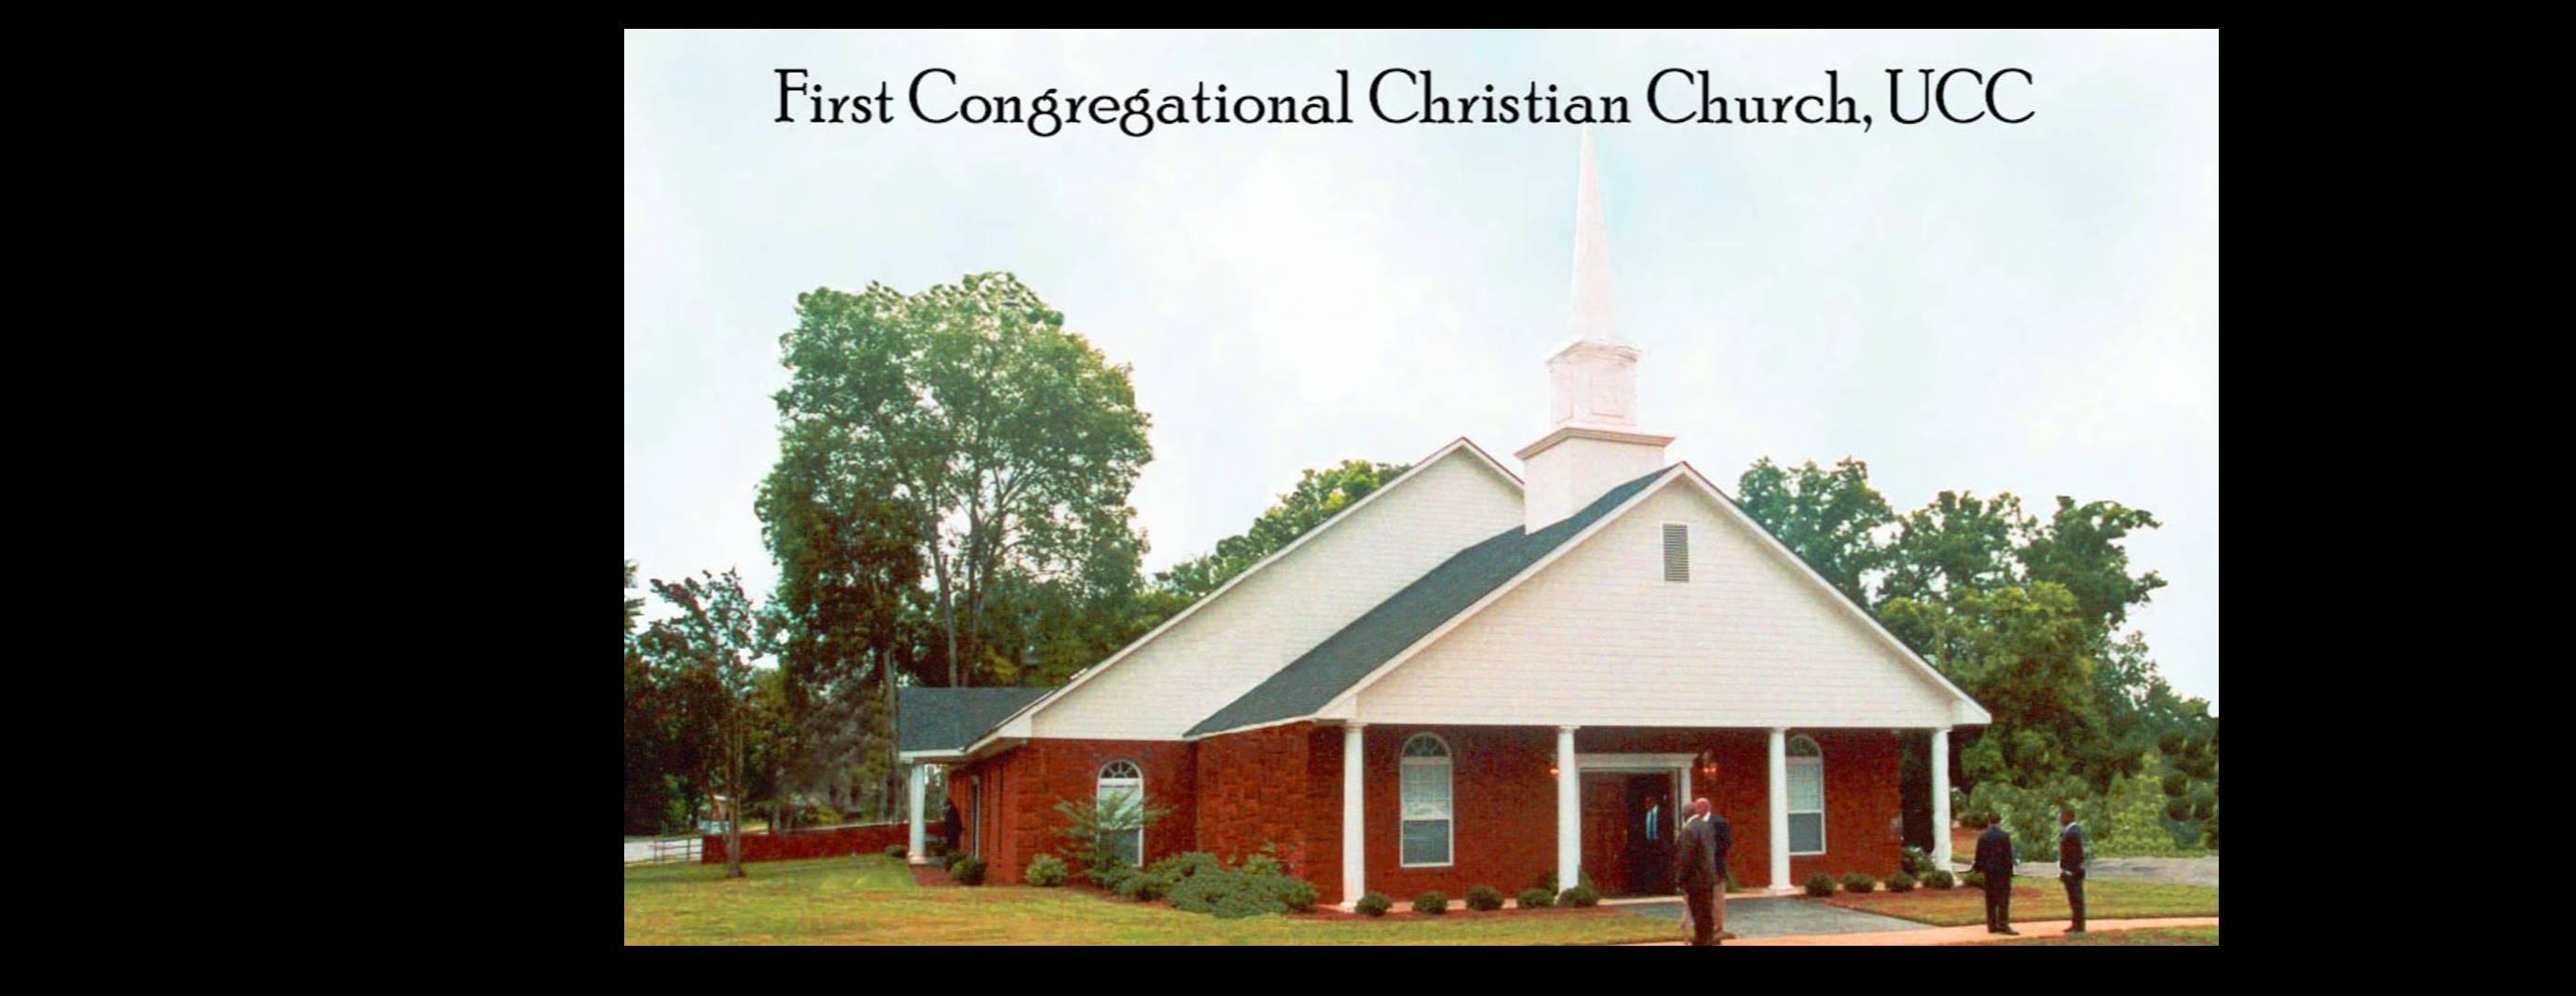 First Congregational Christian Church, UCC |